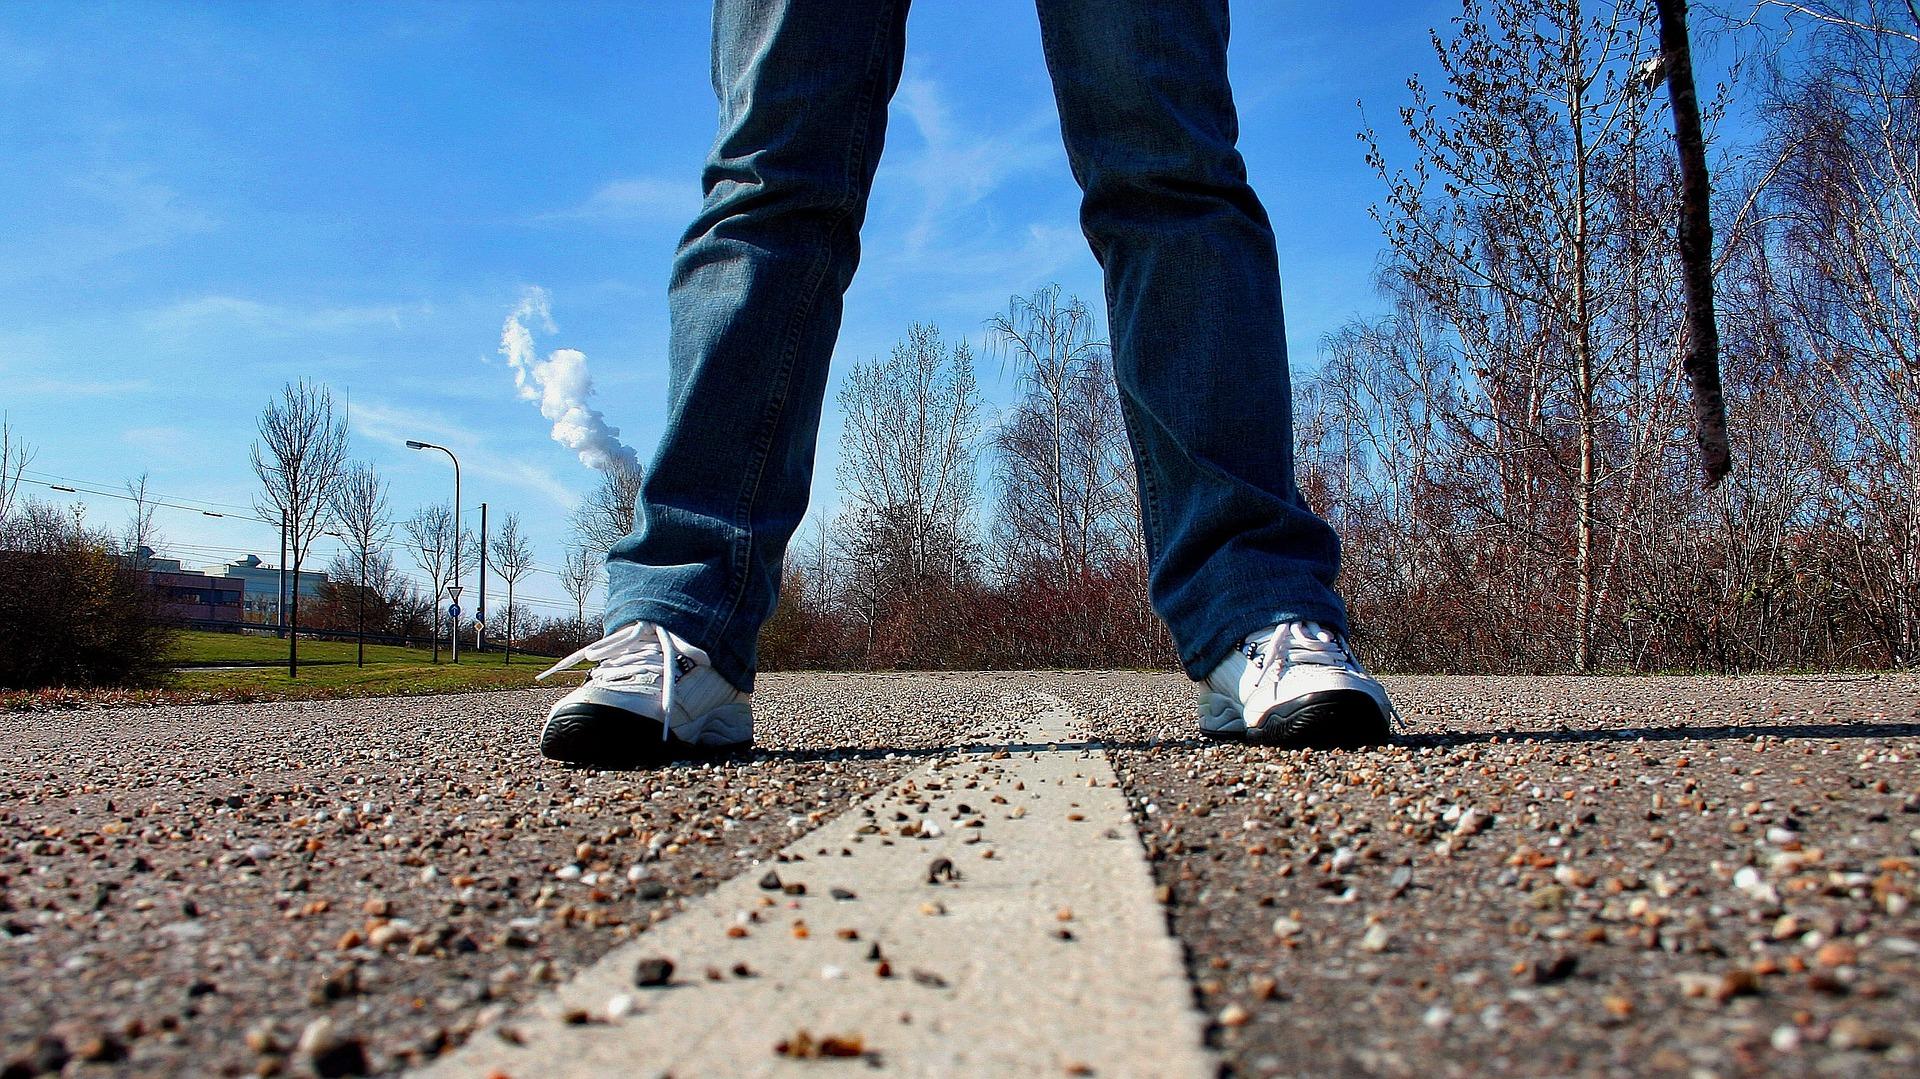 sidewalk-657906_1920